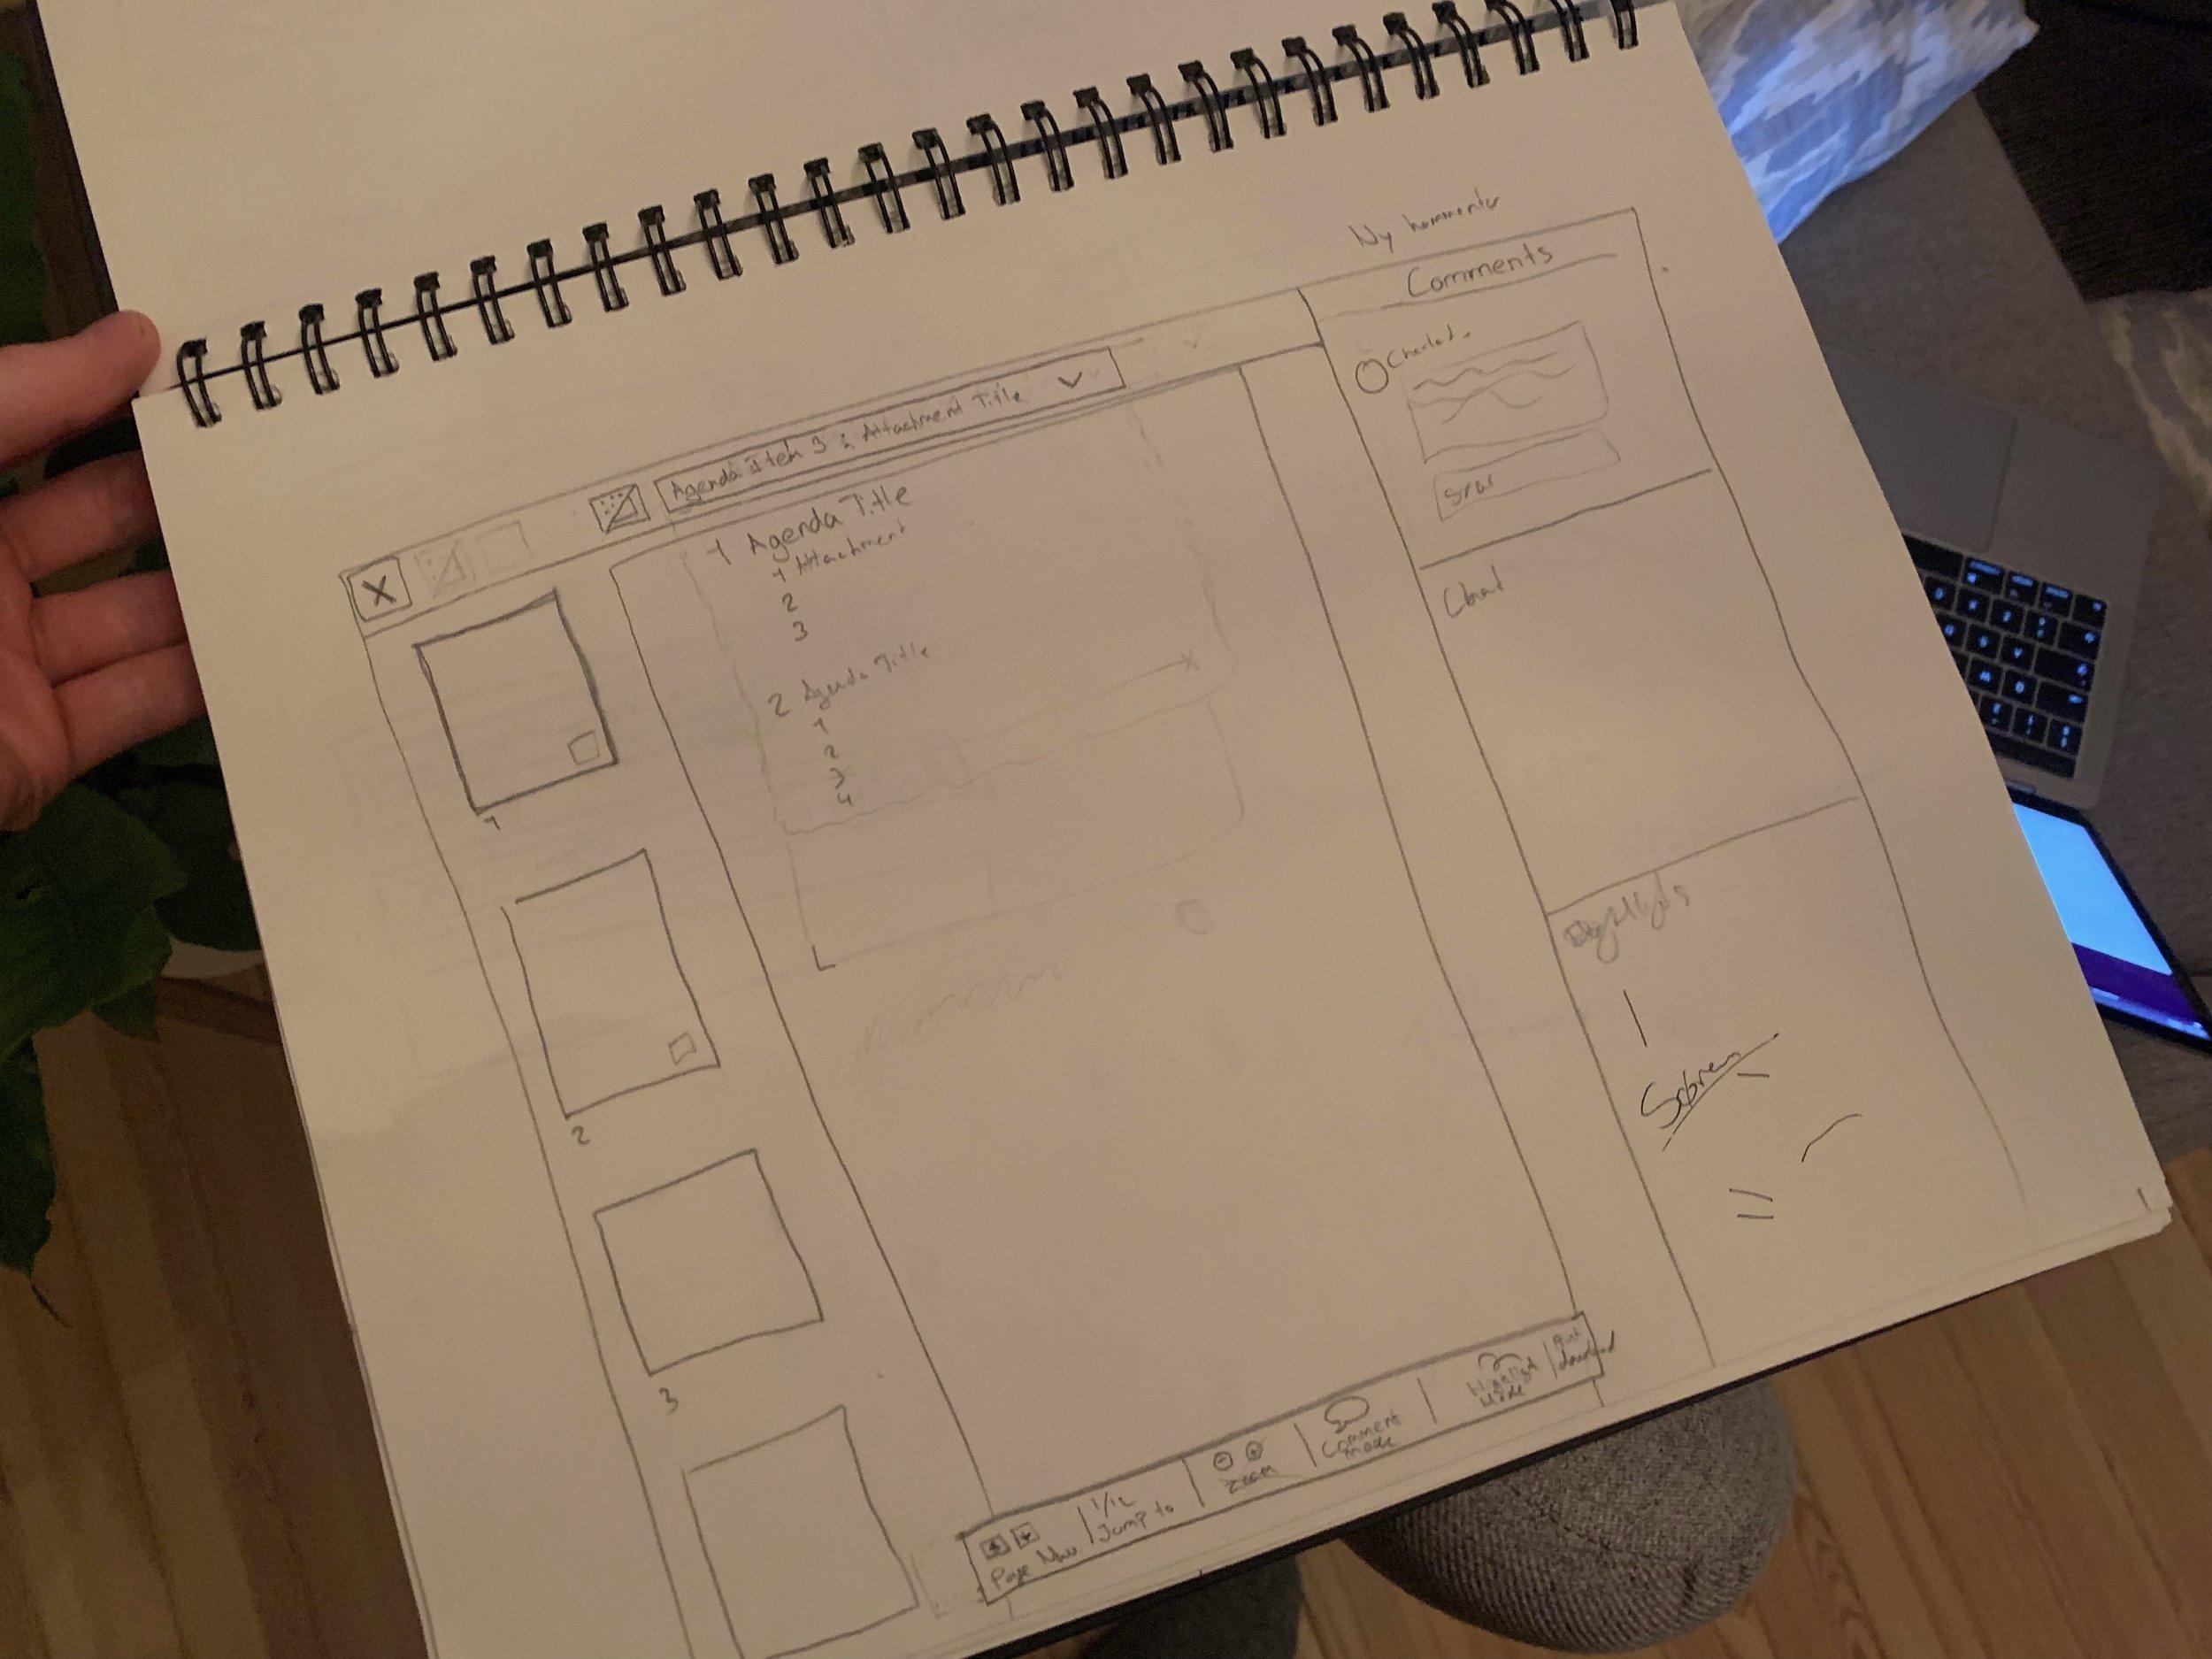 Wireframe til vores document view med mulighed for at kommentere og highlighte. Det giver lige en fornemmelse af det hele inden jeg bygger det i Sketch. Og tager kun 5 min alligevel at lave i hånden.